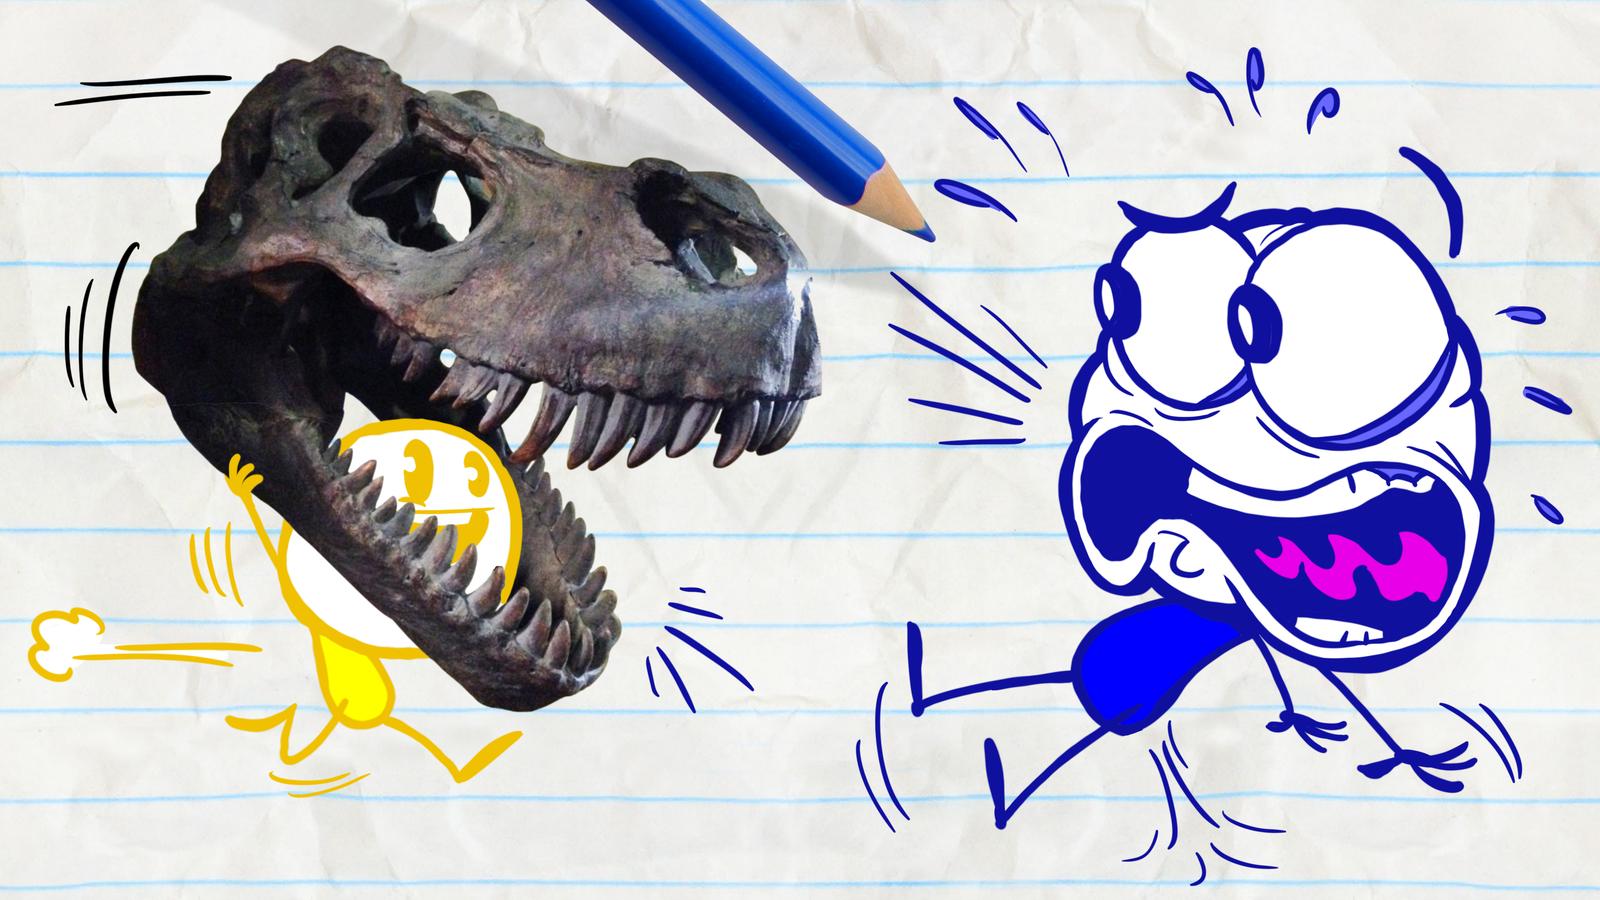 p-dinosaur-thumbnail3-00004.png